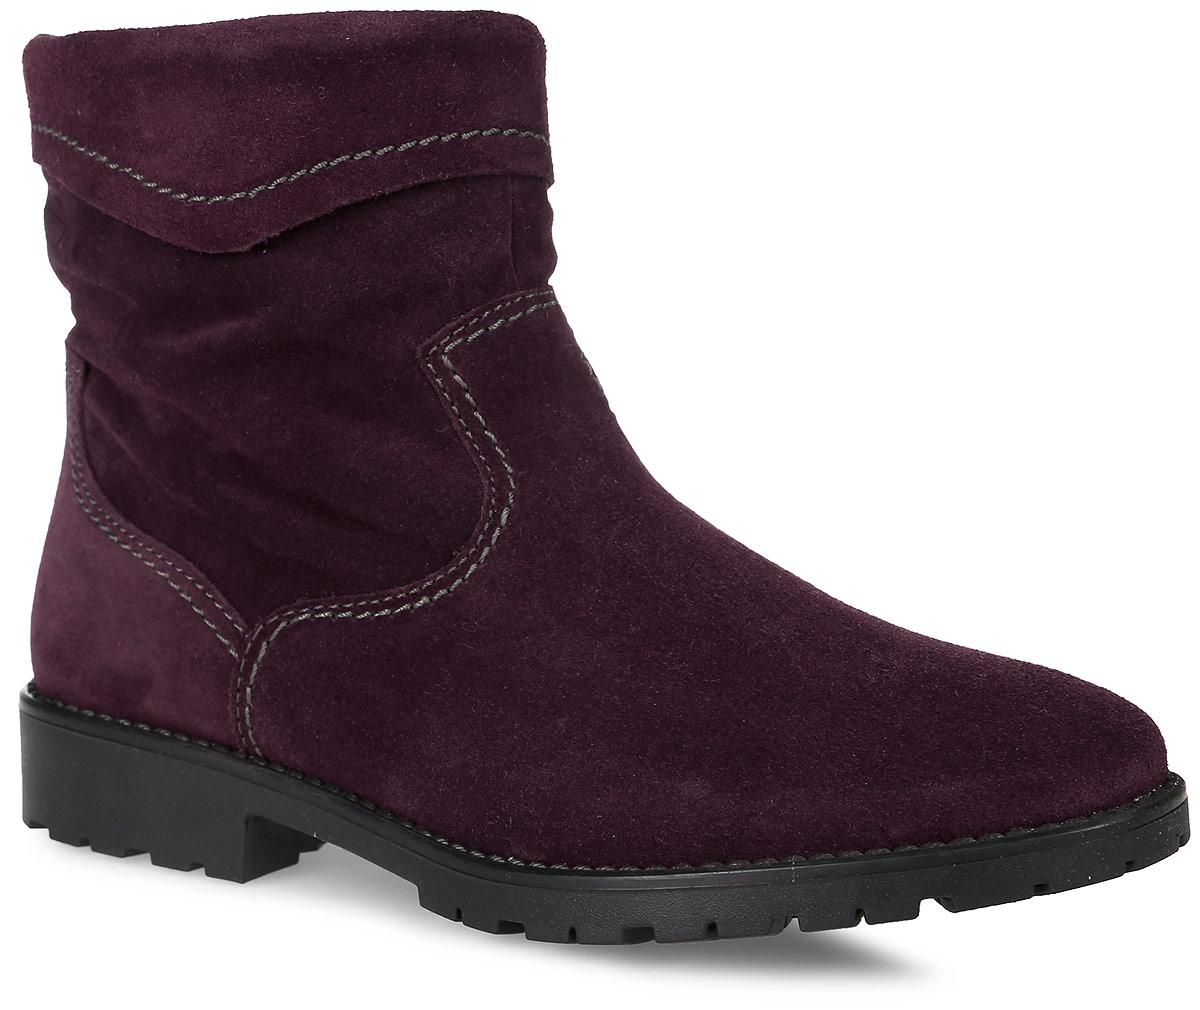 1-1-26005-27-558Модные женские ботинки от Tamaris выполнены из натуральной кожи. Подкладка и стелька из шерсти не дадут ногам замерзнуть. Боковая застежка-молния позволяет легко снимать и надевать модель. Подошва и невысокий каблук дополнены рифлением.